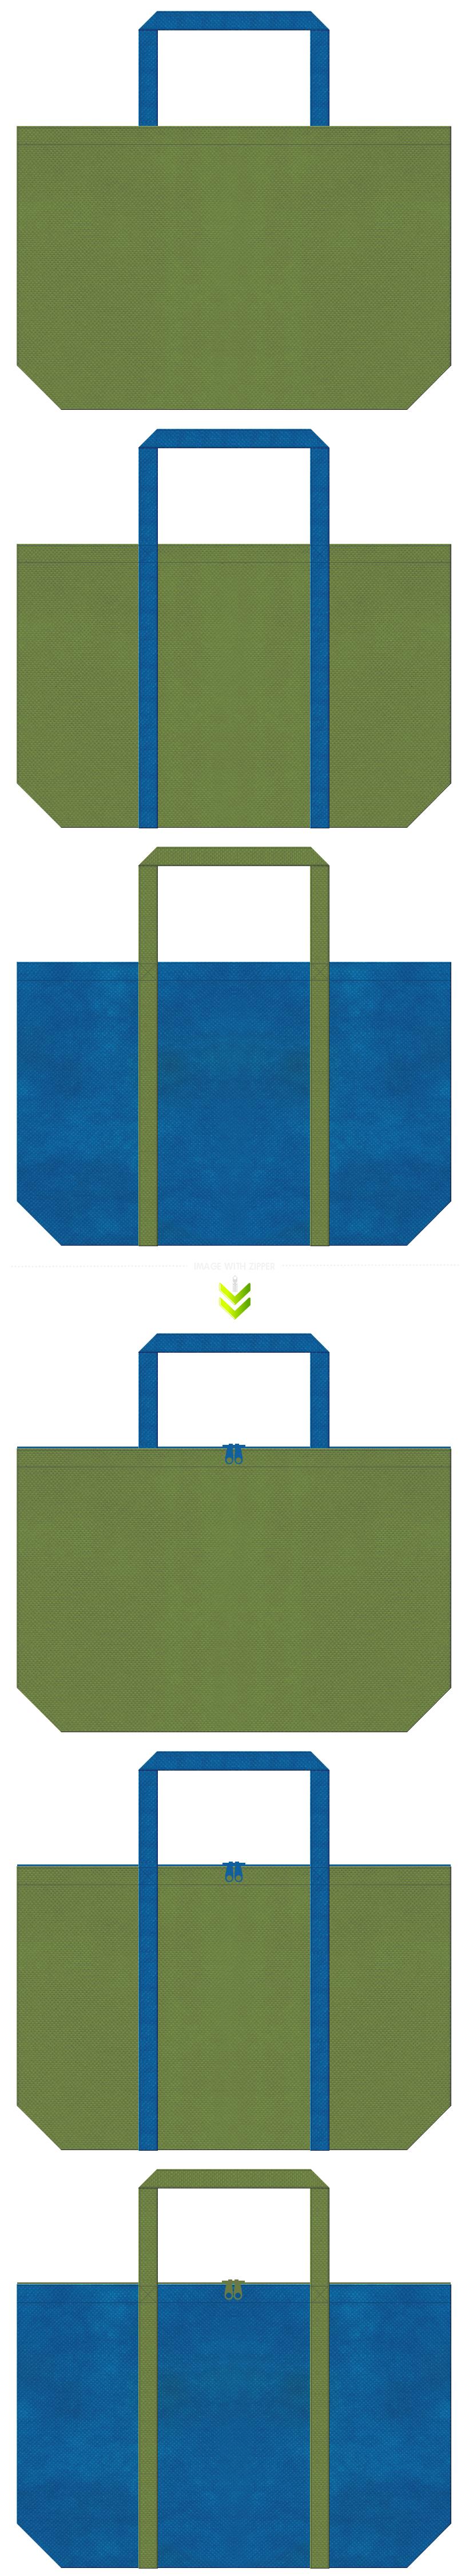 草色と青色の不織布バッグデザイン。